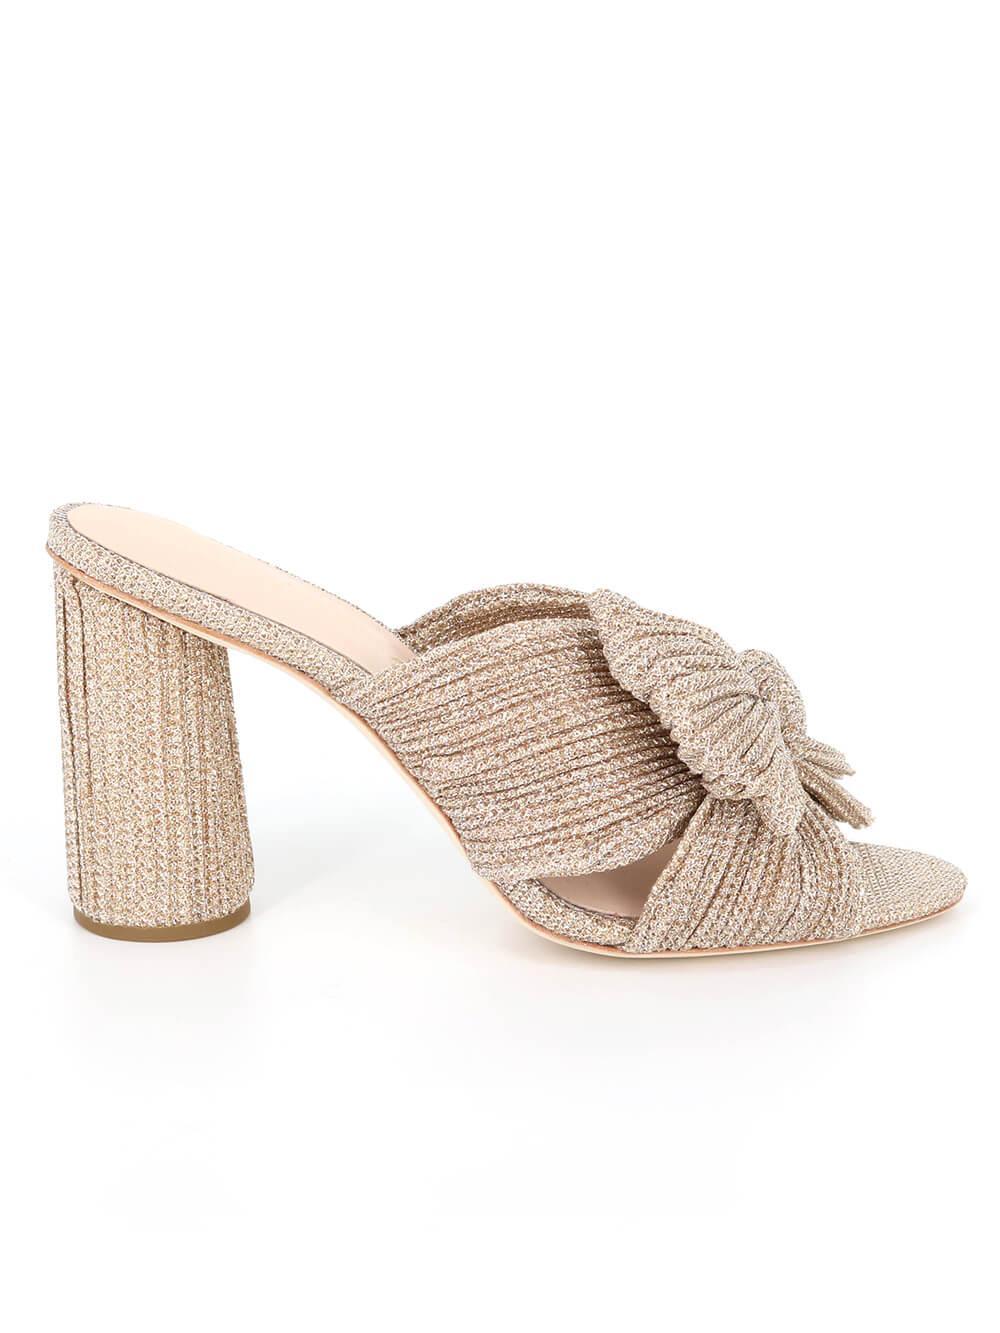 Penny Glitter Knot Mule